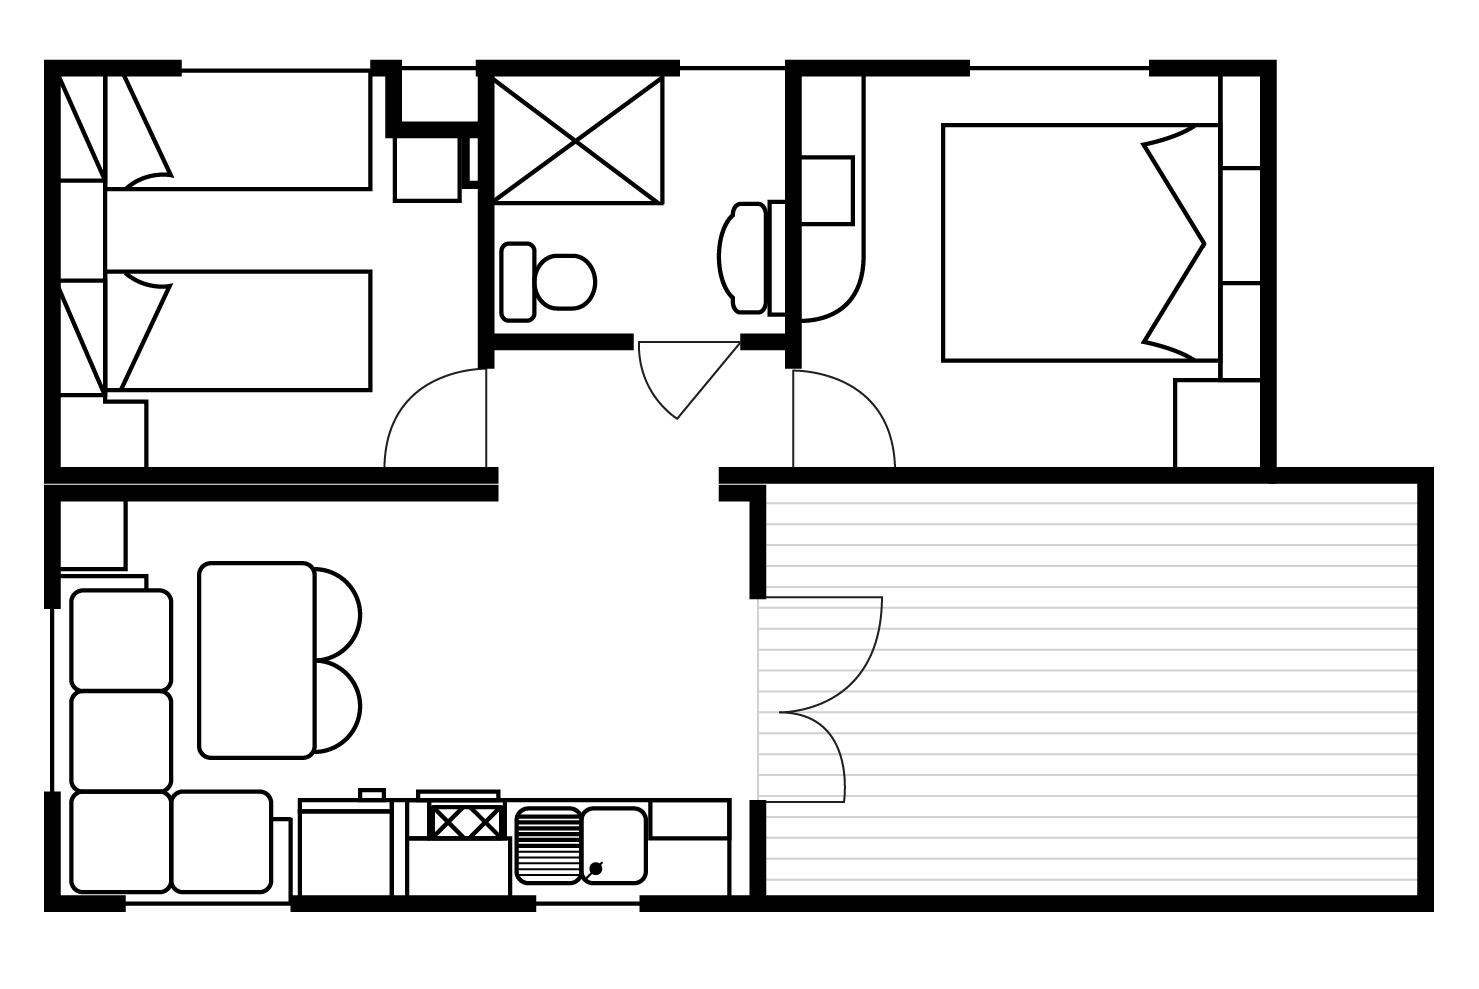 Plattegrond Luxe maxi-caravans met keuken en badkamer